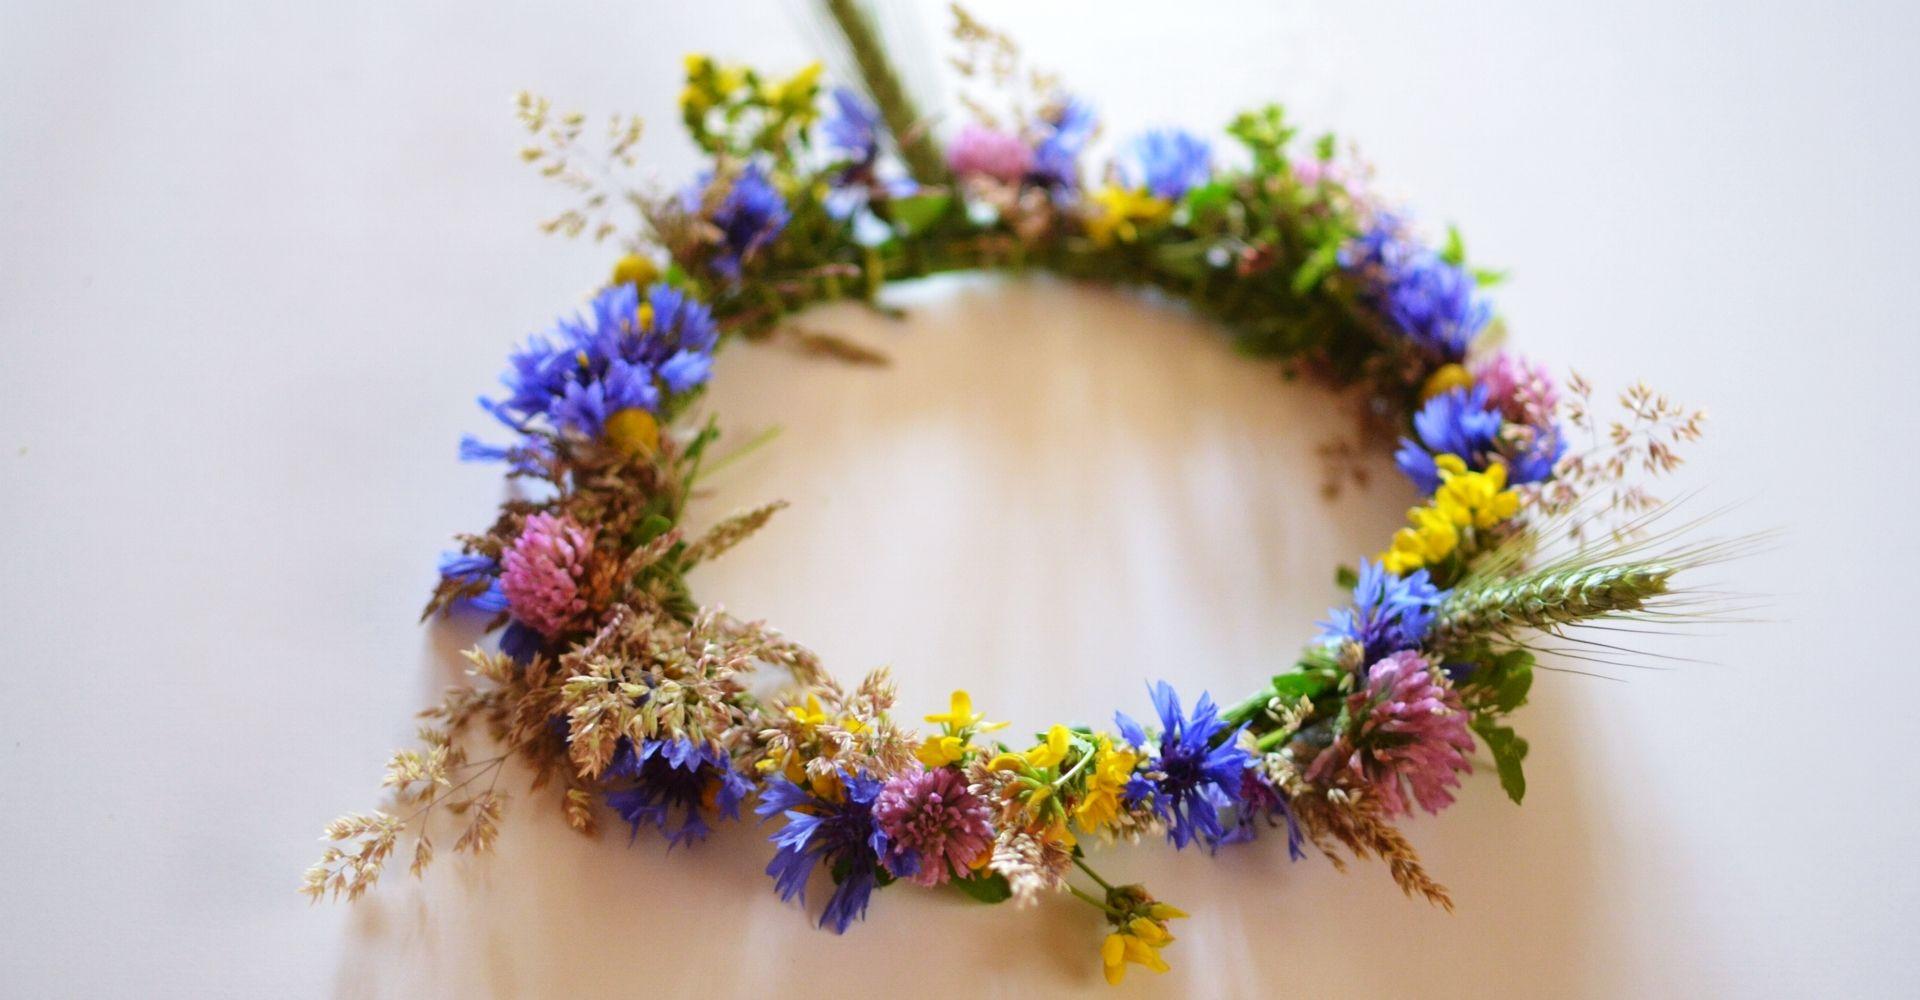 Jak Zrobic Wianek Z Kwiatow Polenka Diy Flower Crown Polish Traditions